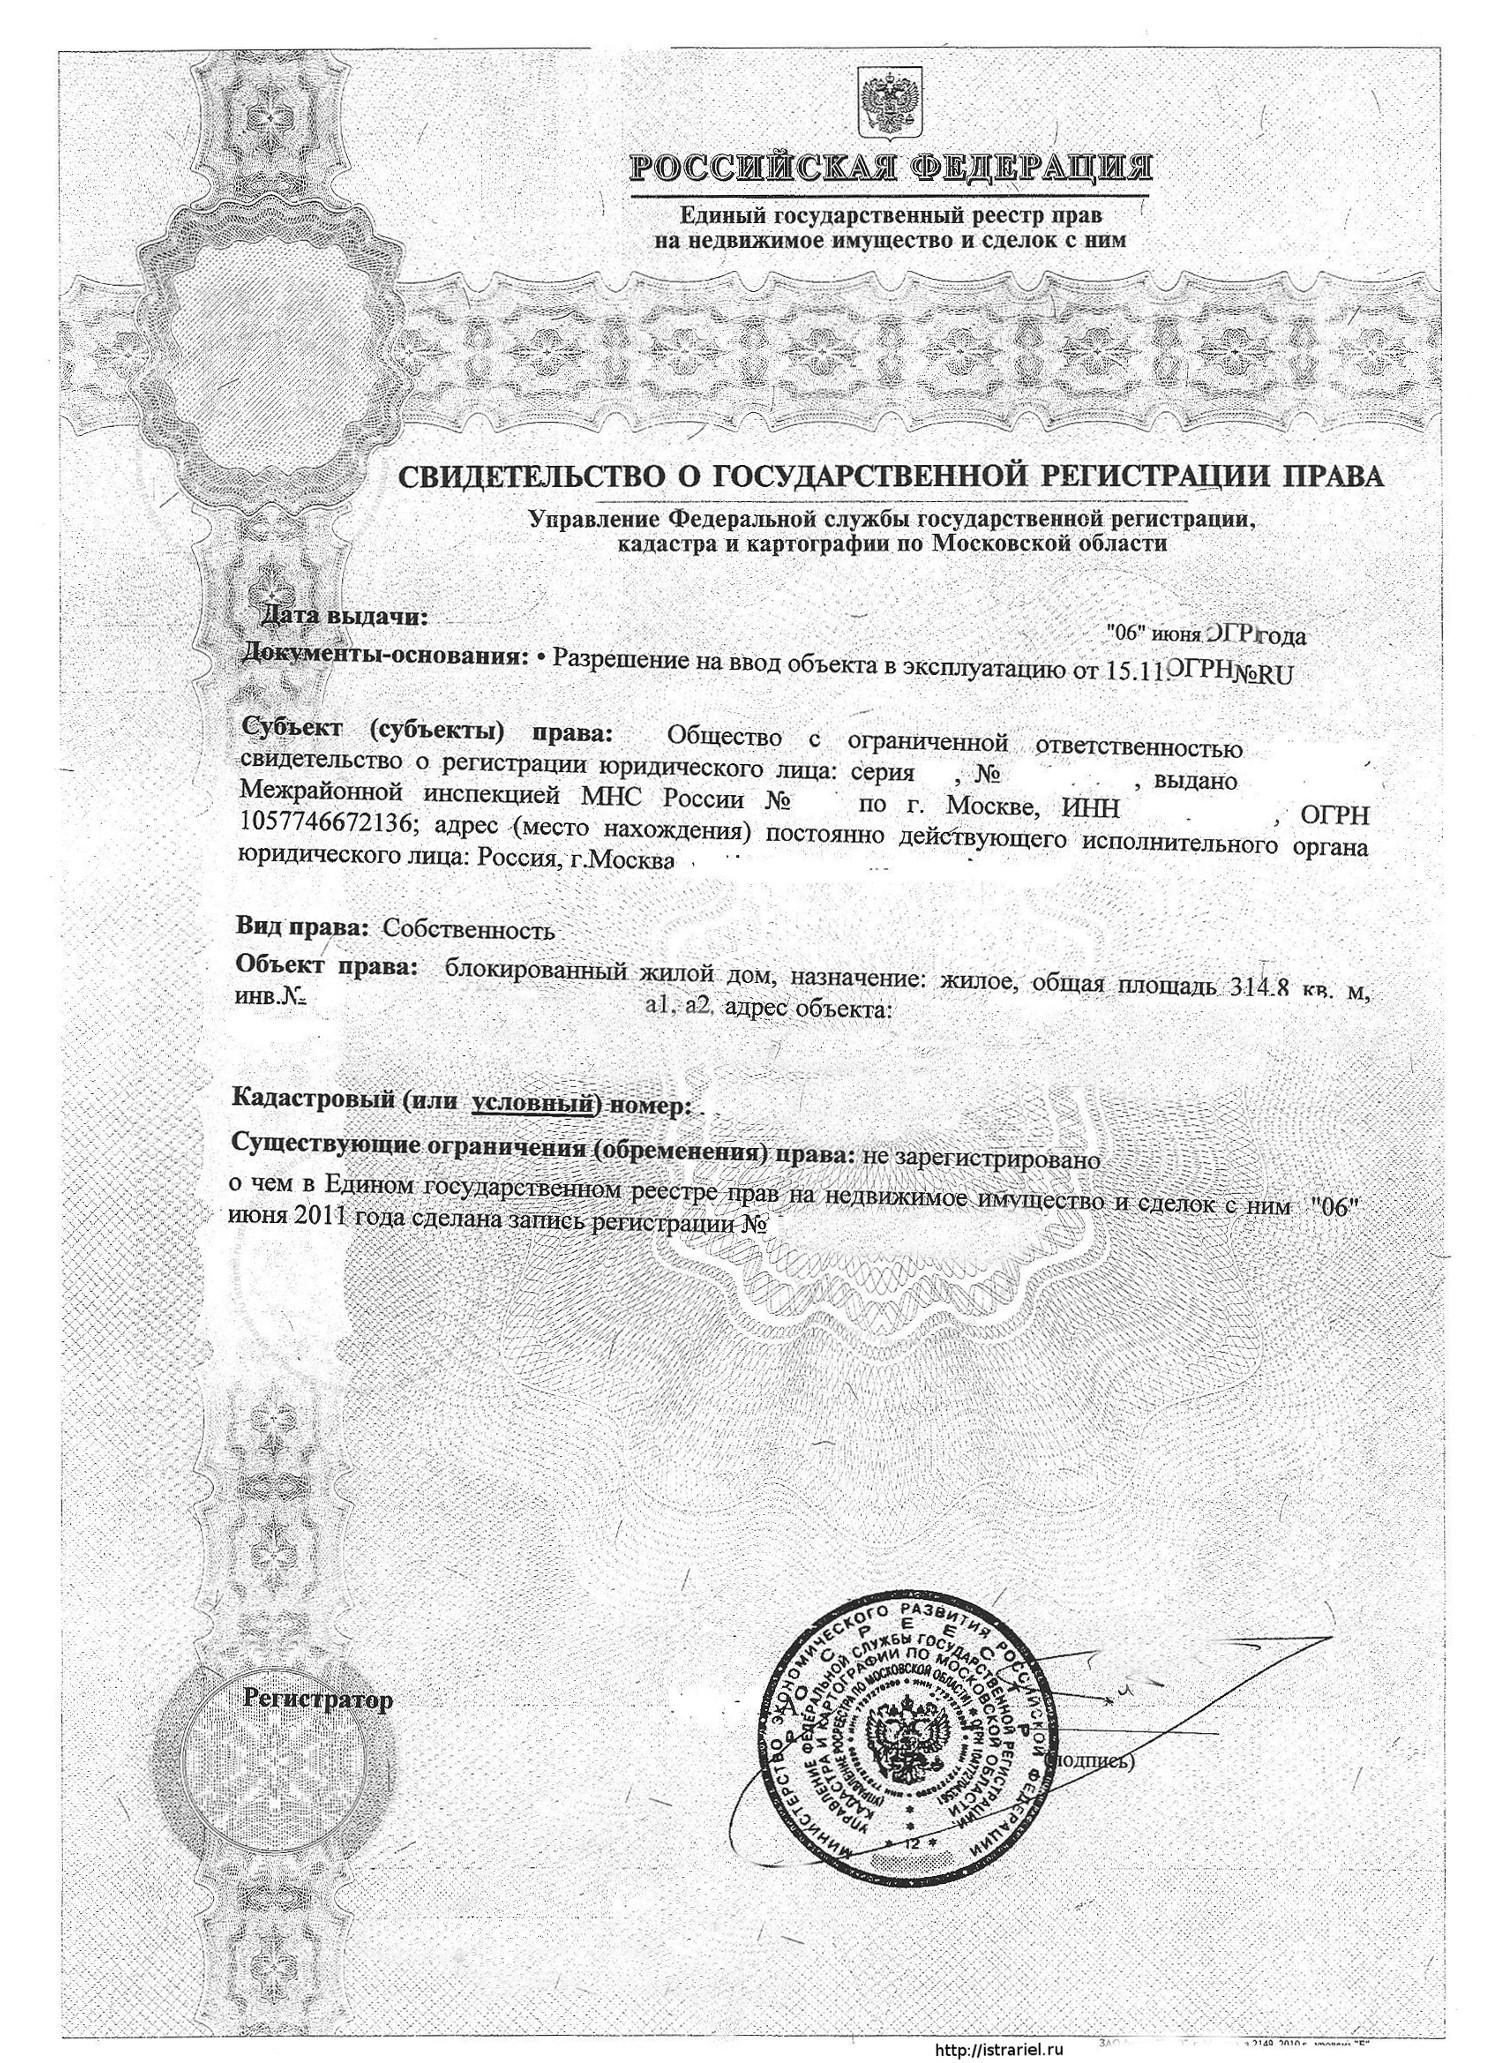 документ удостоверяющий право собственности на квартиру образец